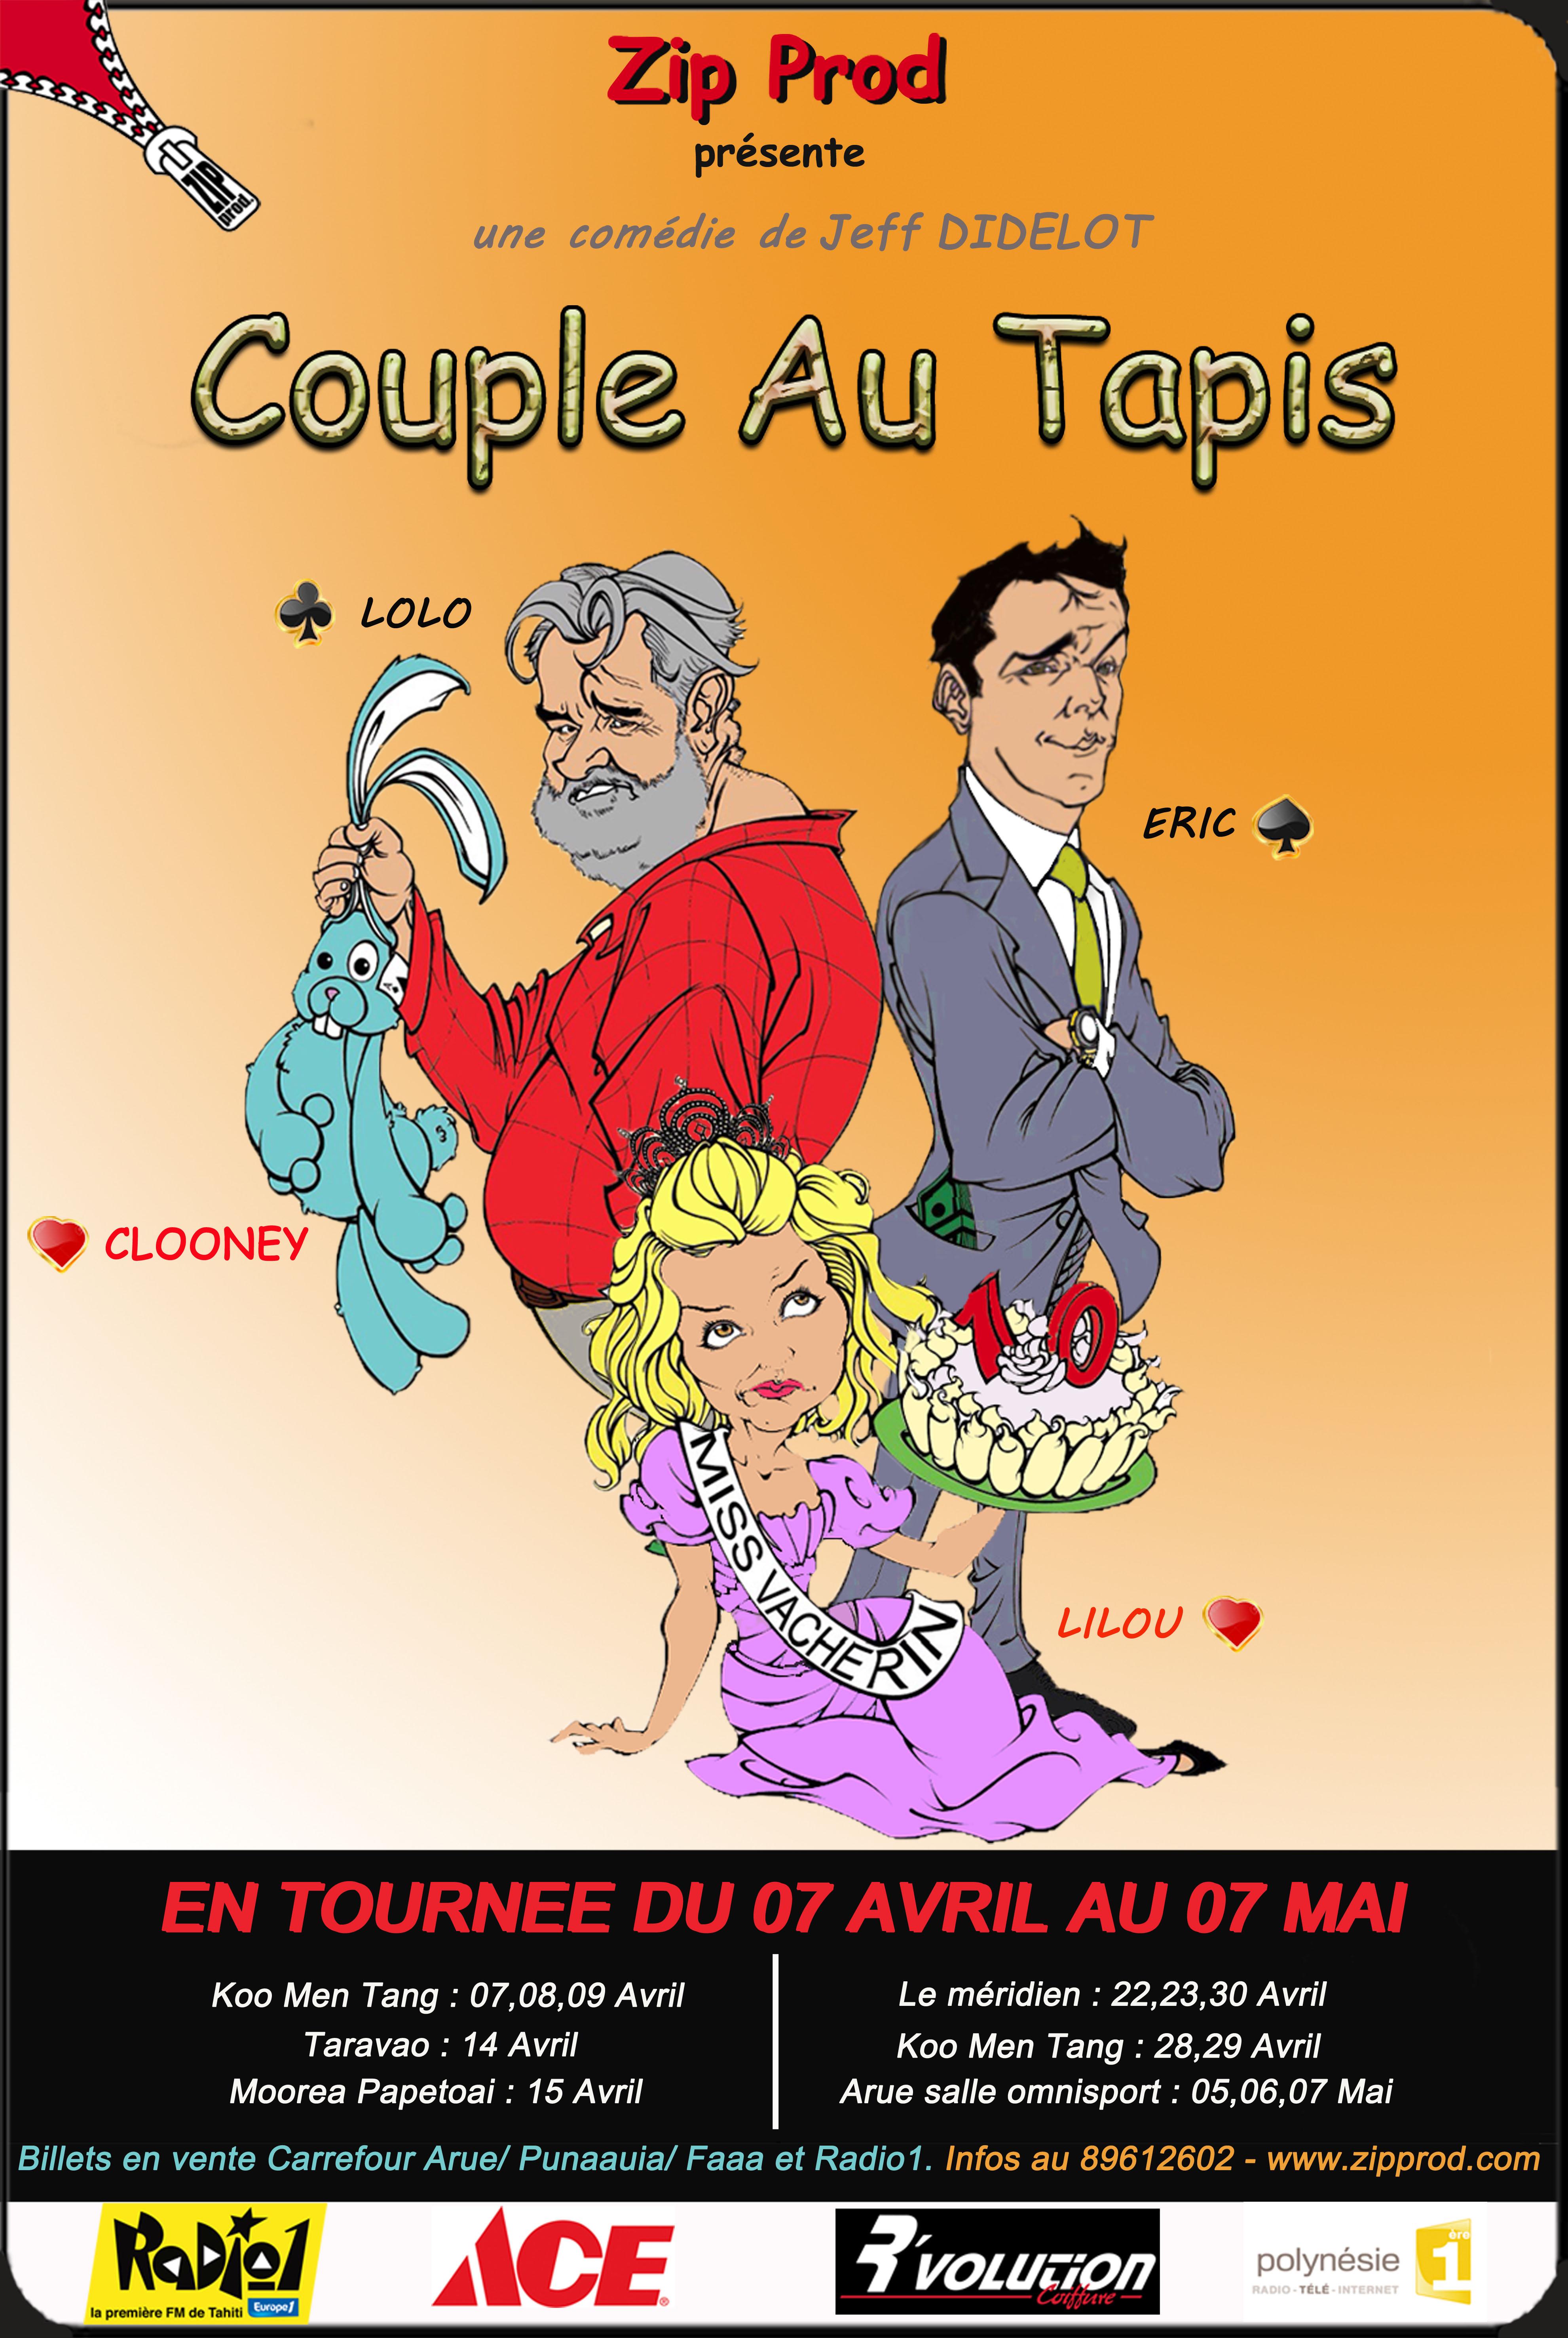 Zip prod présente son nouveau spectacle : Couple au tapis